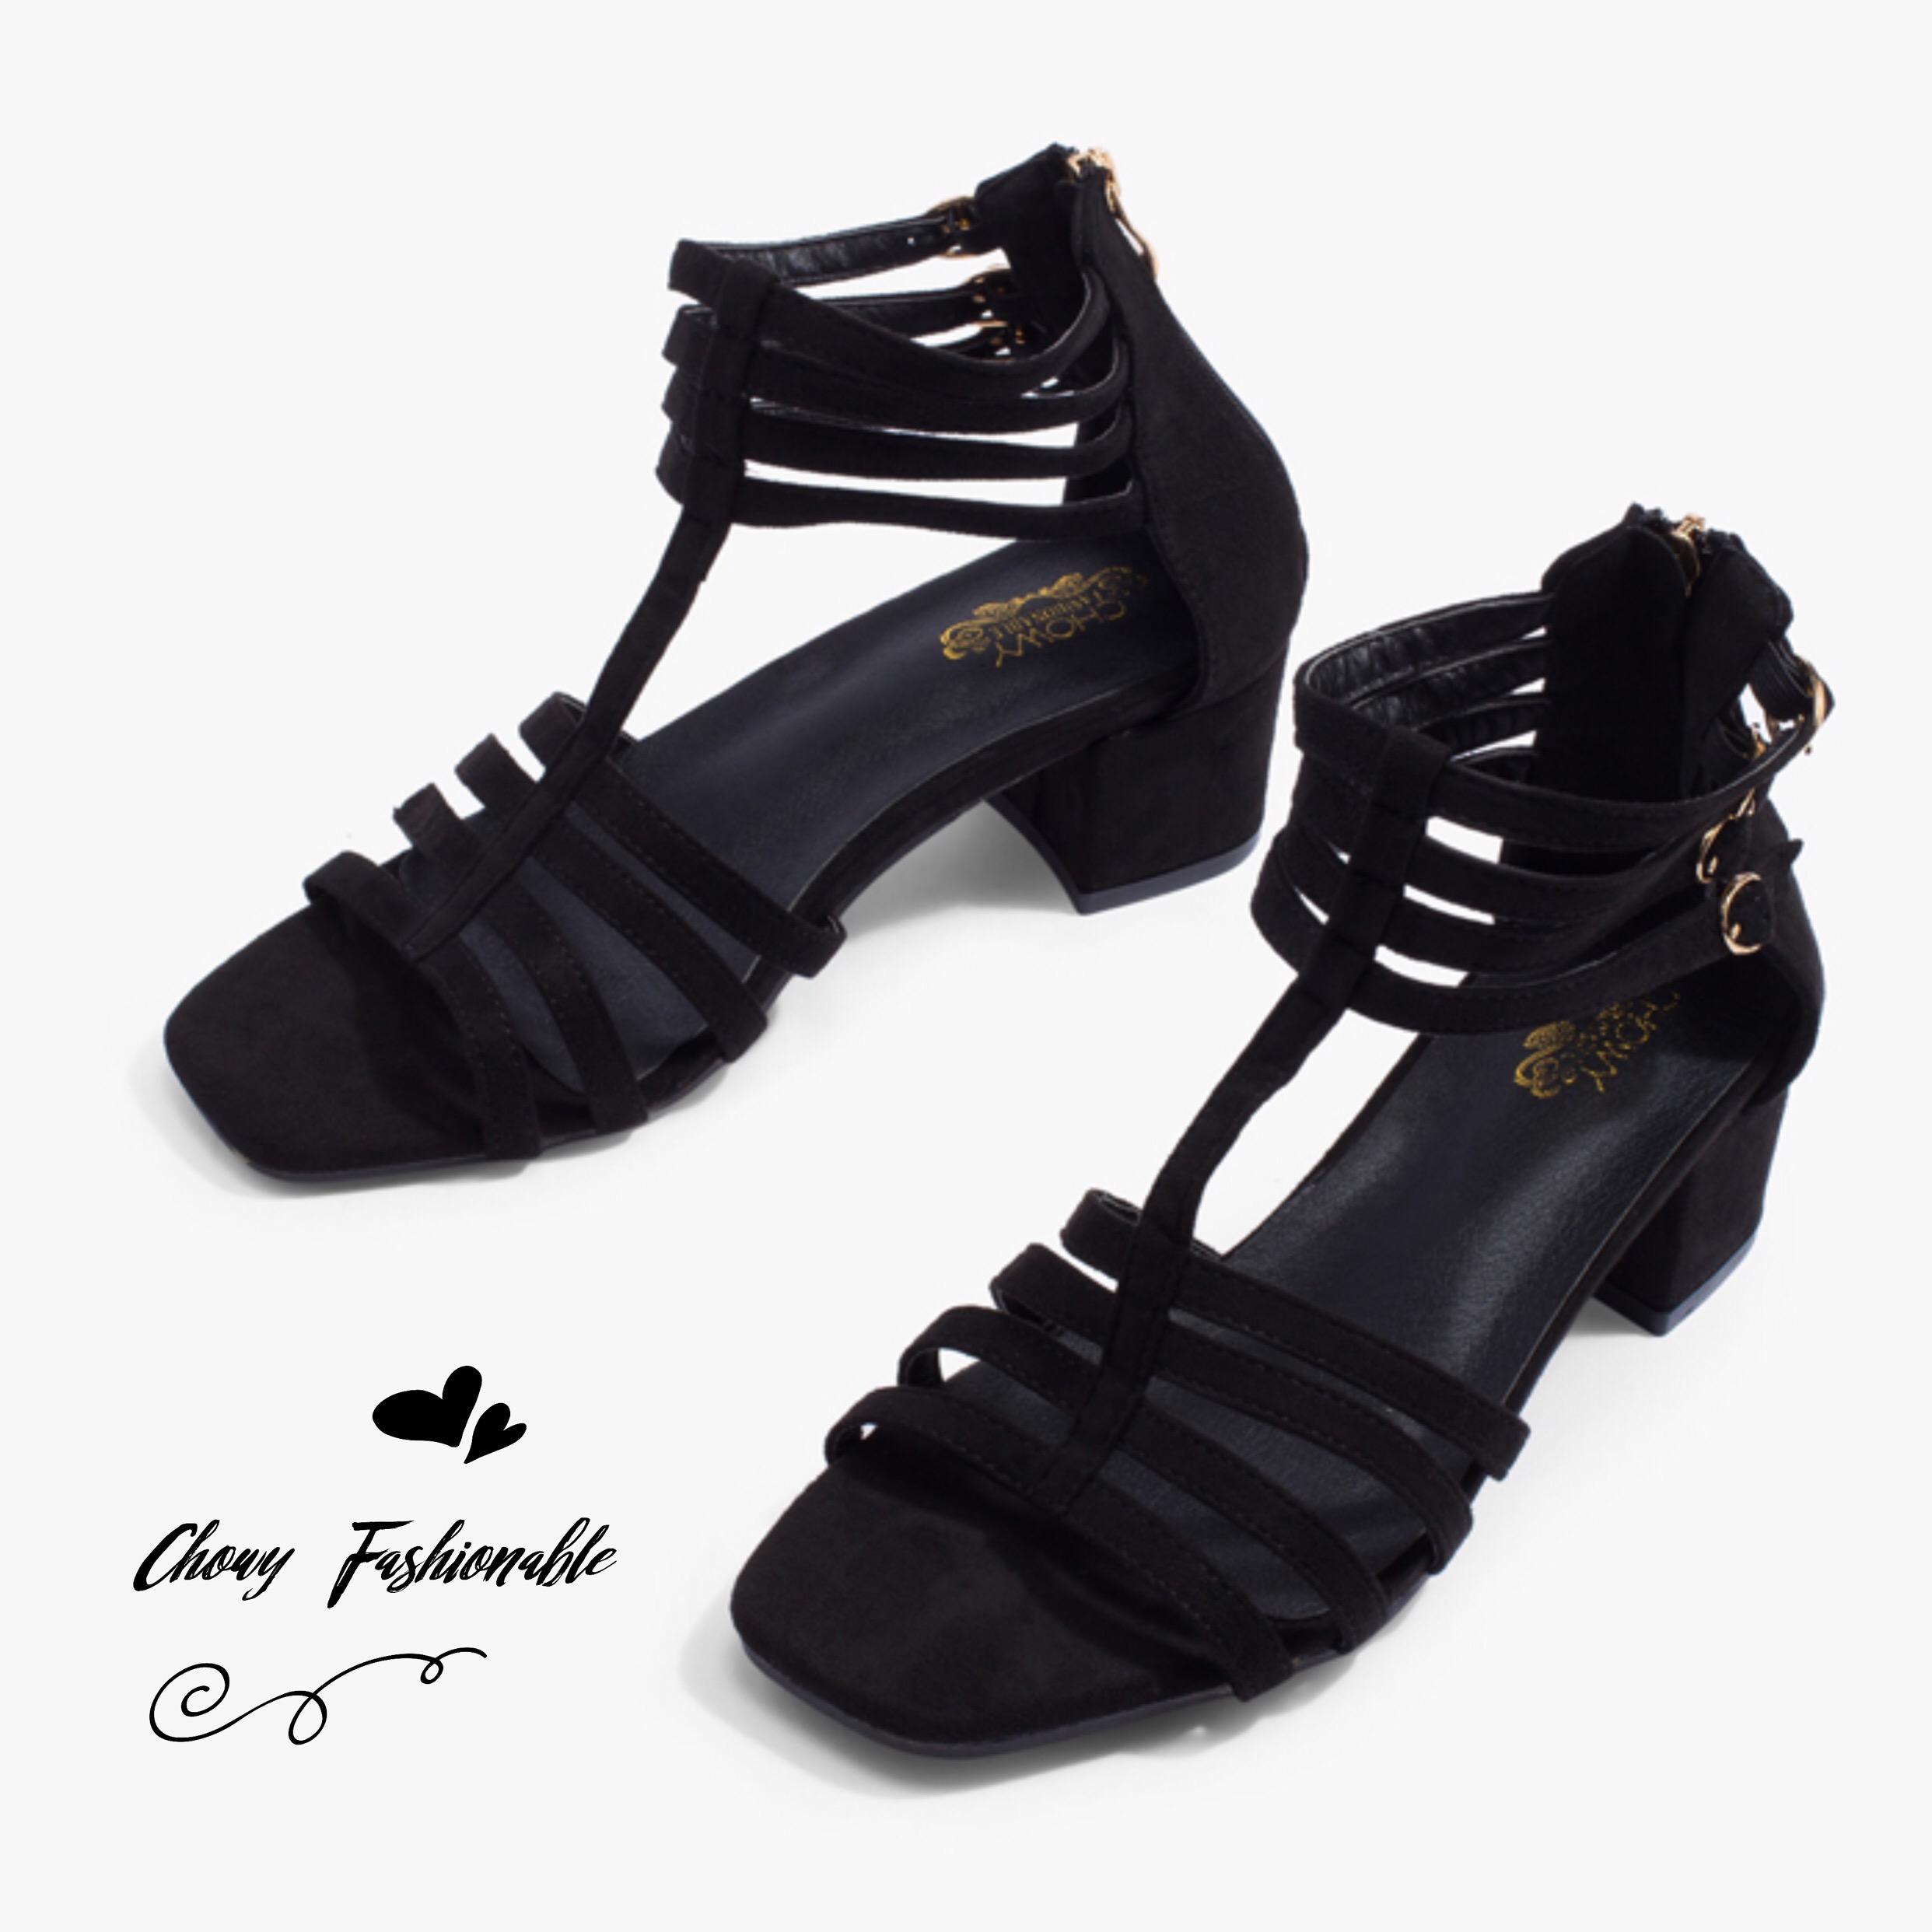 รองเท้าไซส์ใหญ่ส้นเตี้ย Gladiator Strappy ไซส์ 40-41 EU สีดำ รุ่น CH0136